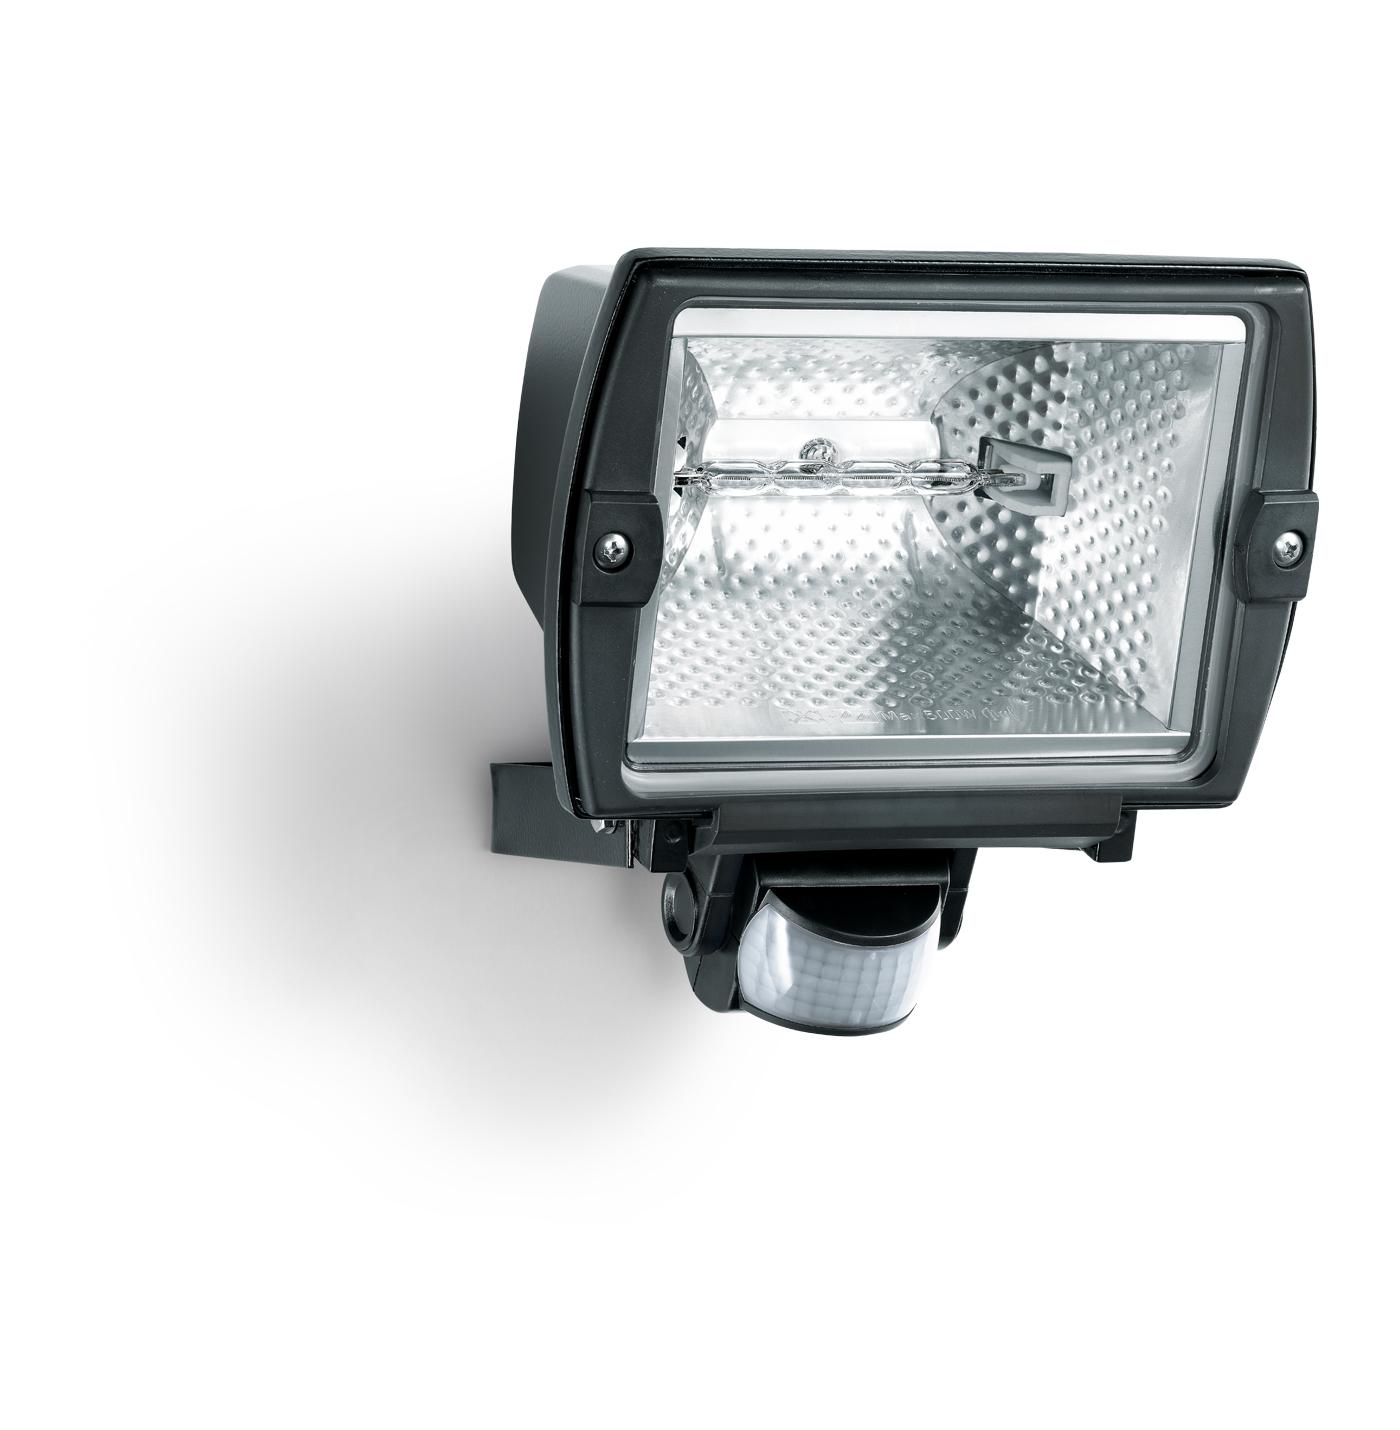 Steinel sensor halogenstrahler hs 5140 schwarz 575212 for Hausfronten modern